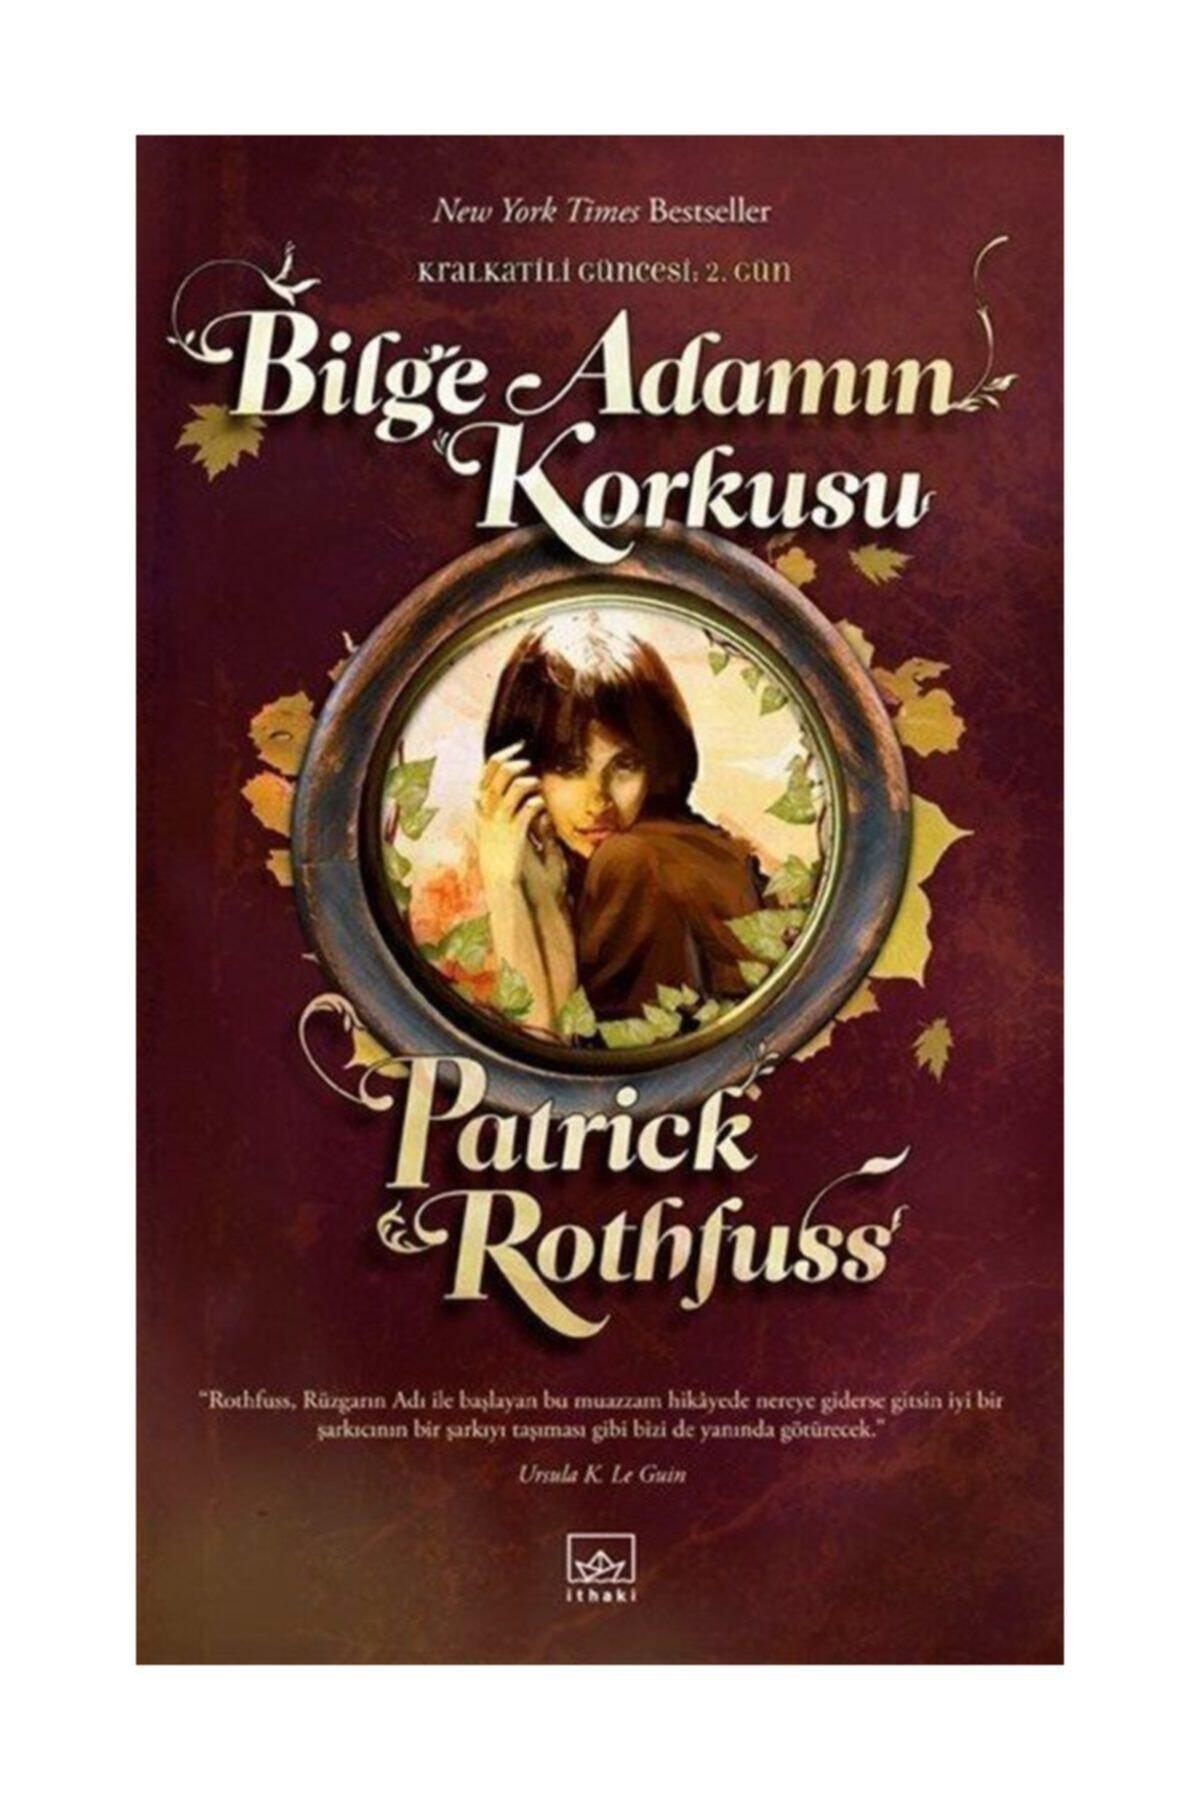 İthaki Yayınları Bilge Adamın Korkusu  Kral Katili Güncesi 2. Gün Patrick Rothfuss 1